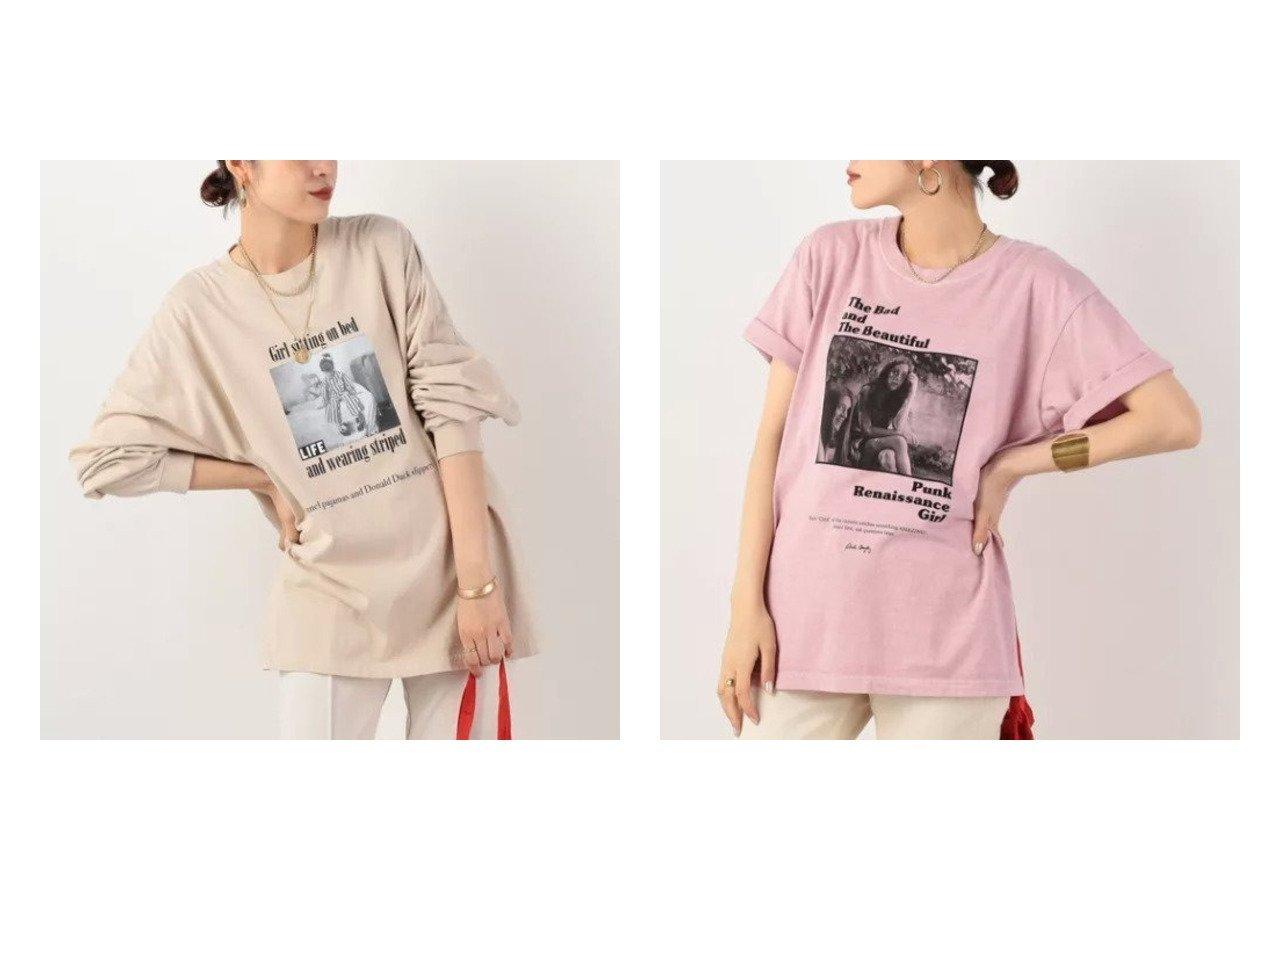 【NOLLEY'S/ノーリーズ】の【グッドロックスピード】PHOTO BIG ロングスリーブTシャツ&【グッドロックスピード】Roberta Bayley プリントTee 【トップス・カットソー】おすすめ!人気、トレンド・レディースファッションの通販 おすすめで人気の流行・トレンド、ファッションの通販商品 インテリア・家具・メンズファッション・キッズファッション・レディースファッション・服の通販 founy(ファニー) https://founy.com/ ファッション Fashion レディースファッション WOMEN トップス・カットソー Tops/Tshirt シャツ/ブラウス Shirts/Blouses ロング / Tシャツ T-Shirts カットソー Cut and Sewn ヴィンテージ カットソー スリーブ デニム トレンド 長袖 ビッグ フレア プリント ロング おすすめ Recommend ボトム 半袖 |ID:crp329100000054646